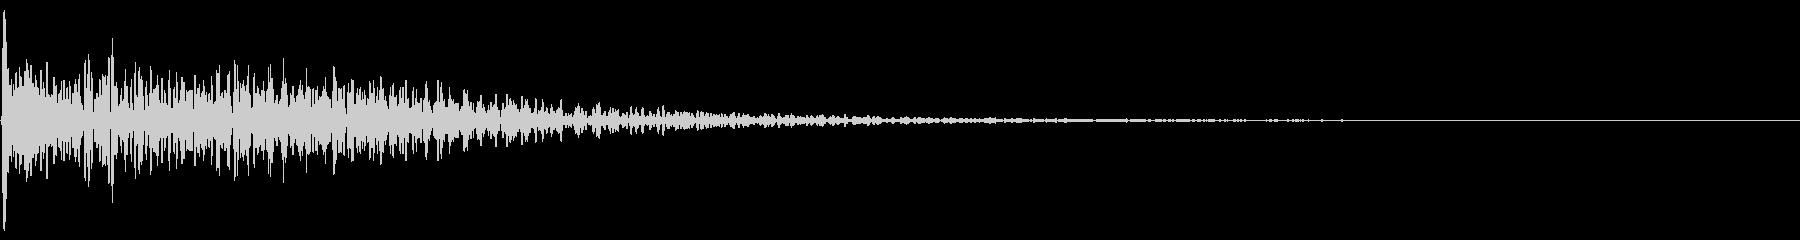 レーザー・電子砲・ビーム・光線銃の未再生の波形